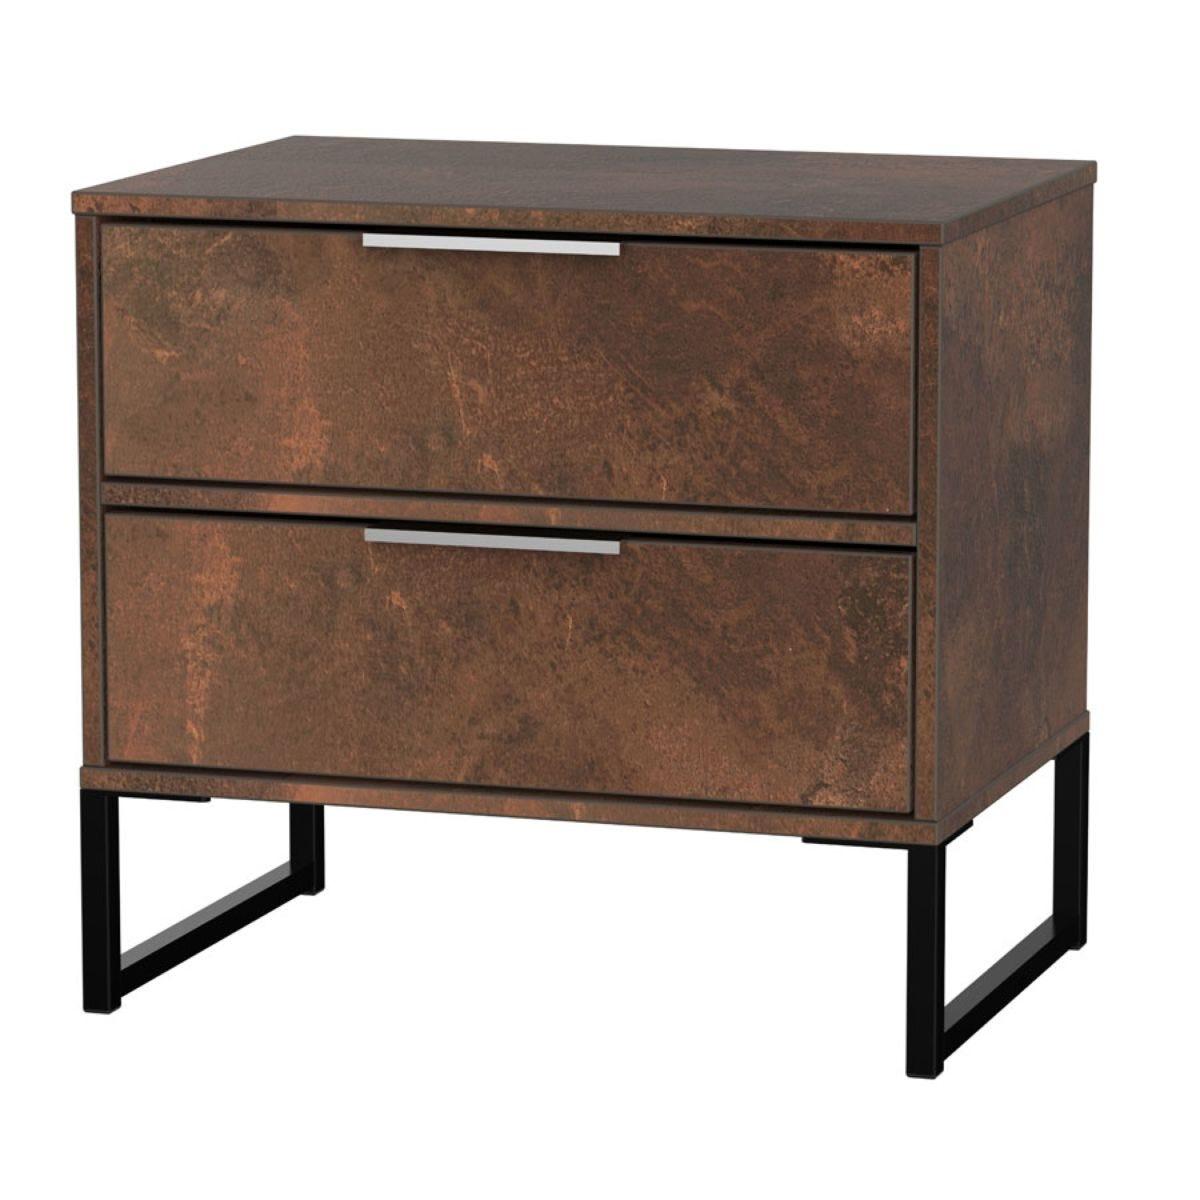 Kishara 2-Drawer Bedside Cabinet - Copper